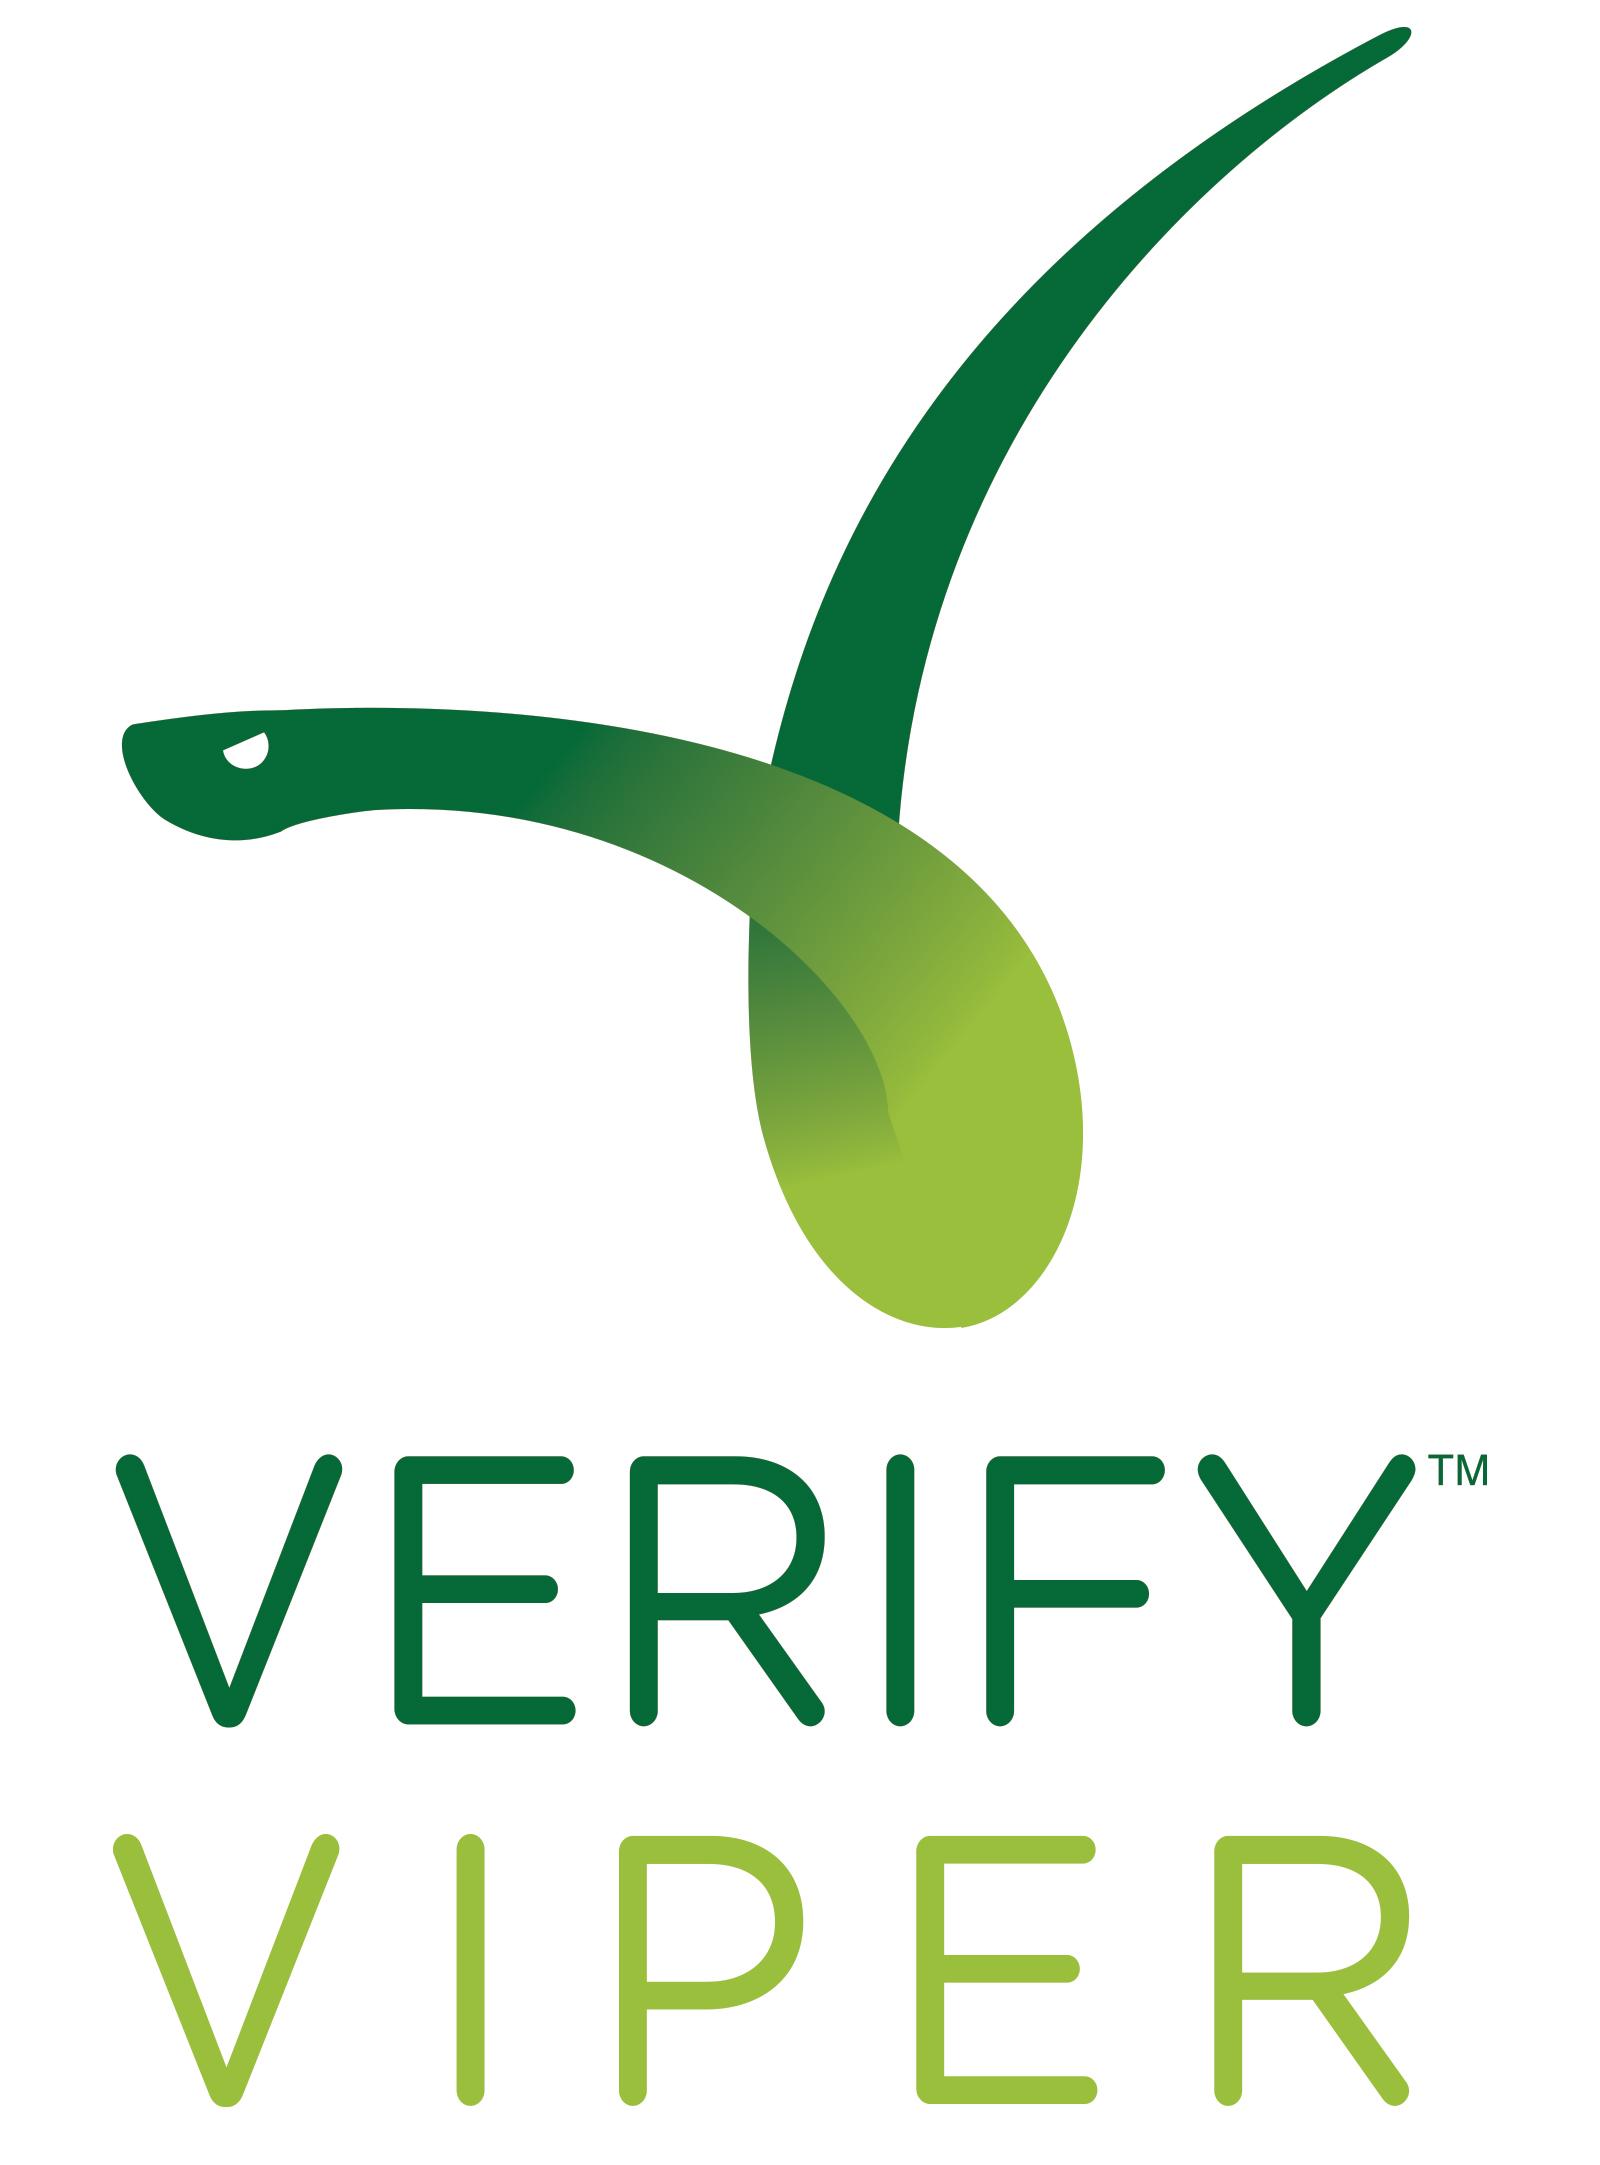 Verify Viper